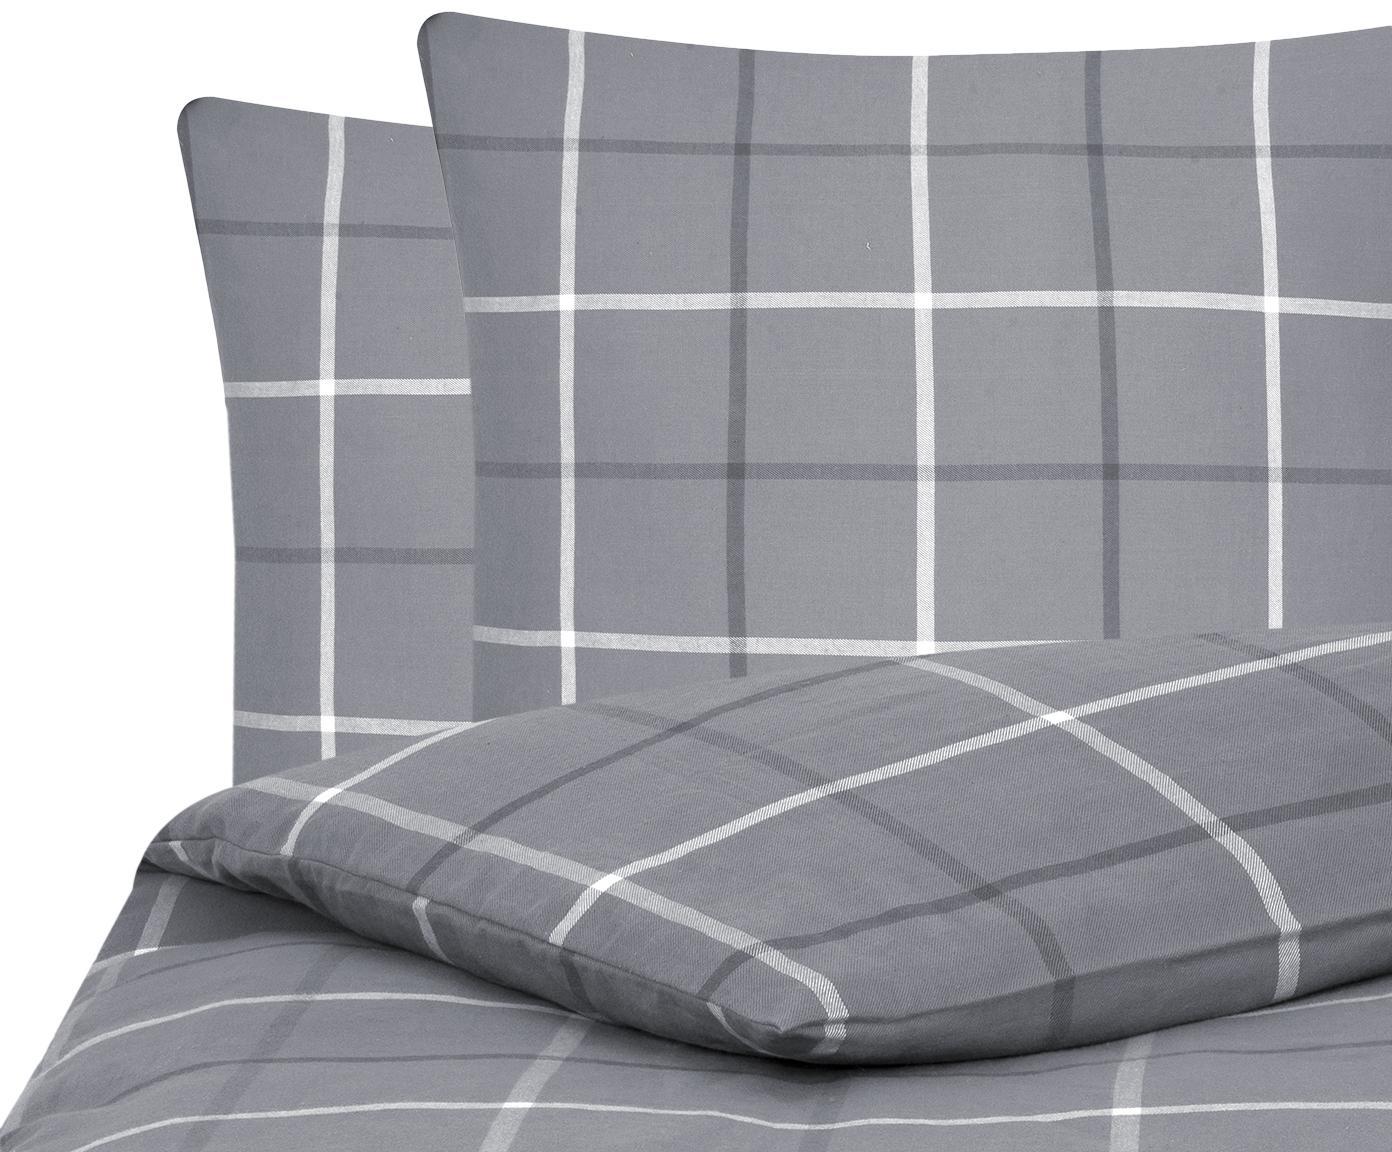 Flanell-Bettwäsche Rafa, kariert, Webart: Flanell Flanell ist ein s, Grau, 200 x 200 cm + 2 Kissen 80 x 80 cm